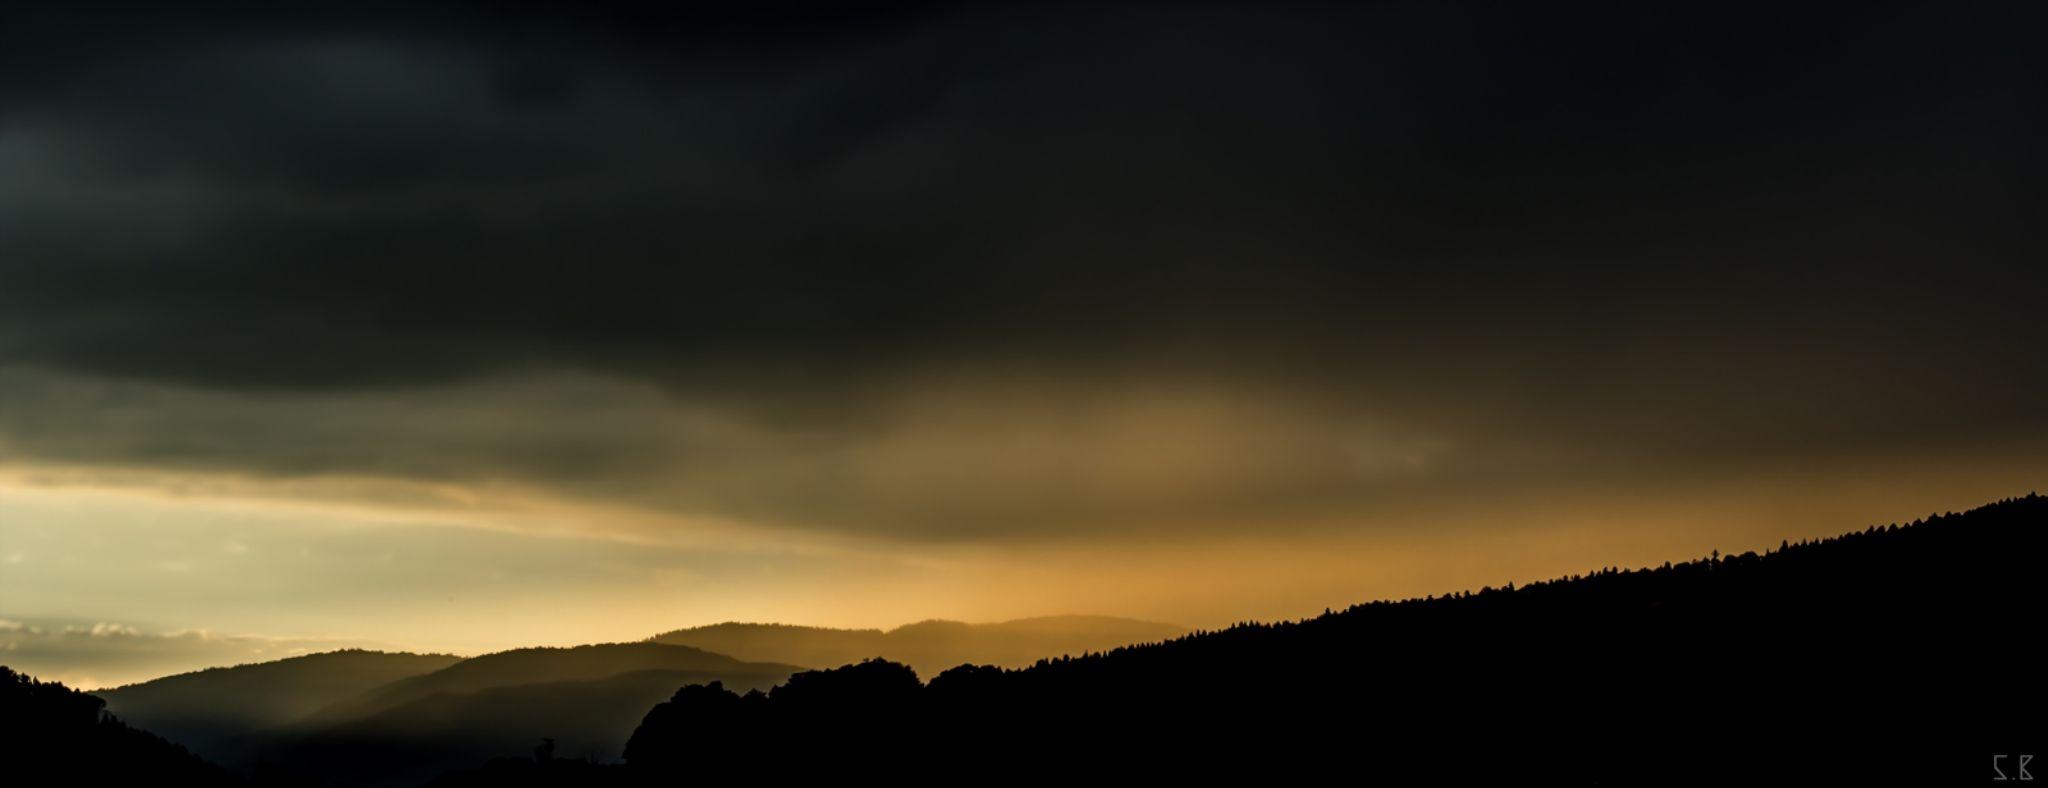 Landscape by SB-Prod